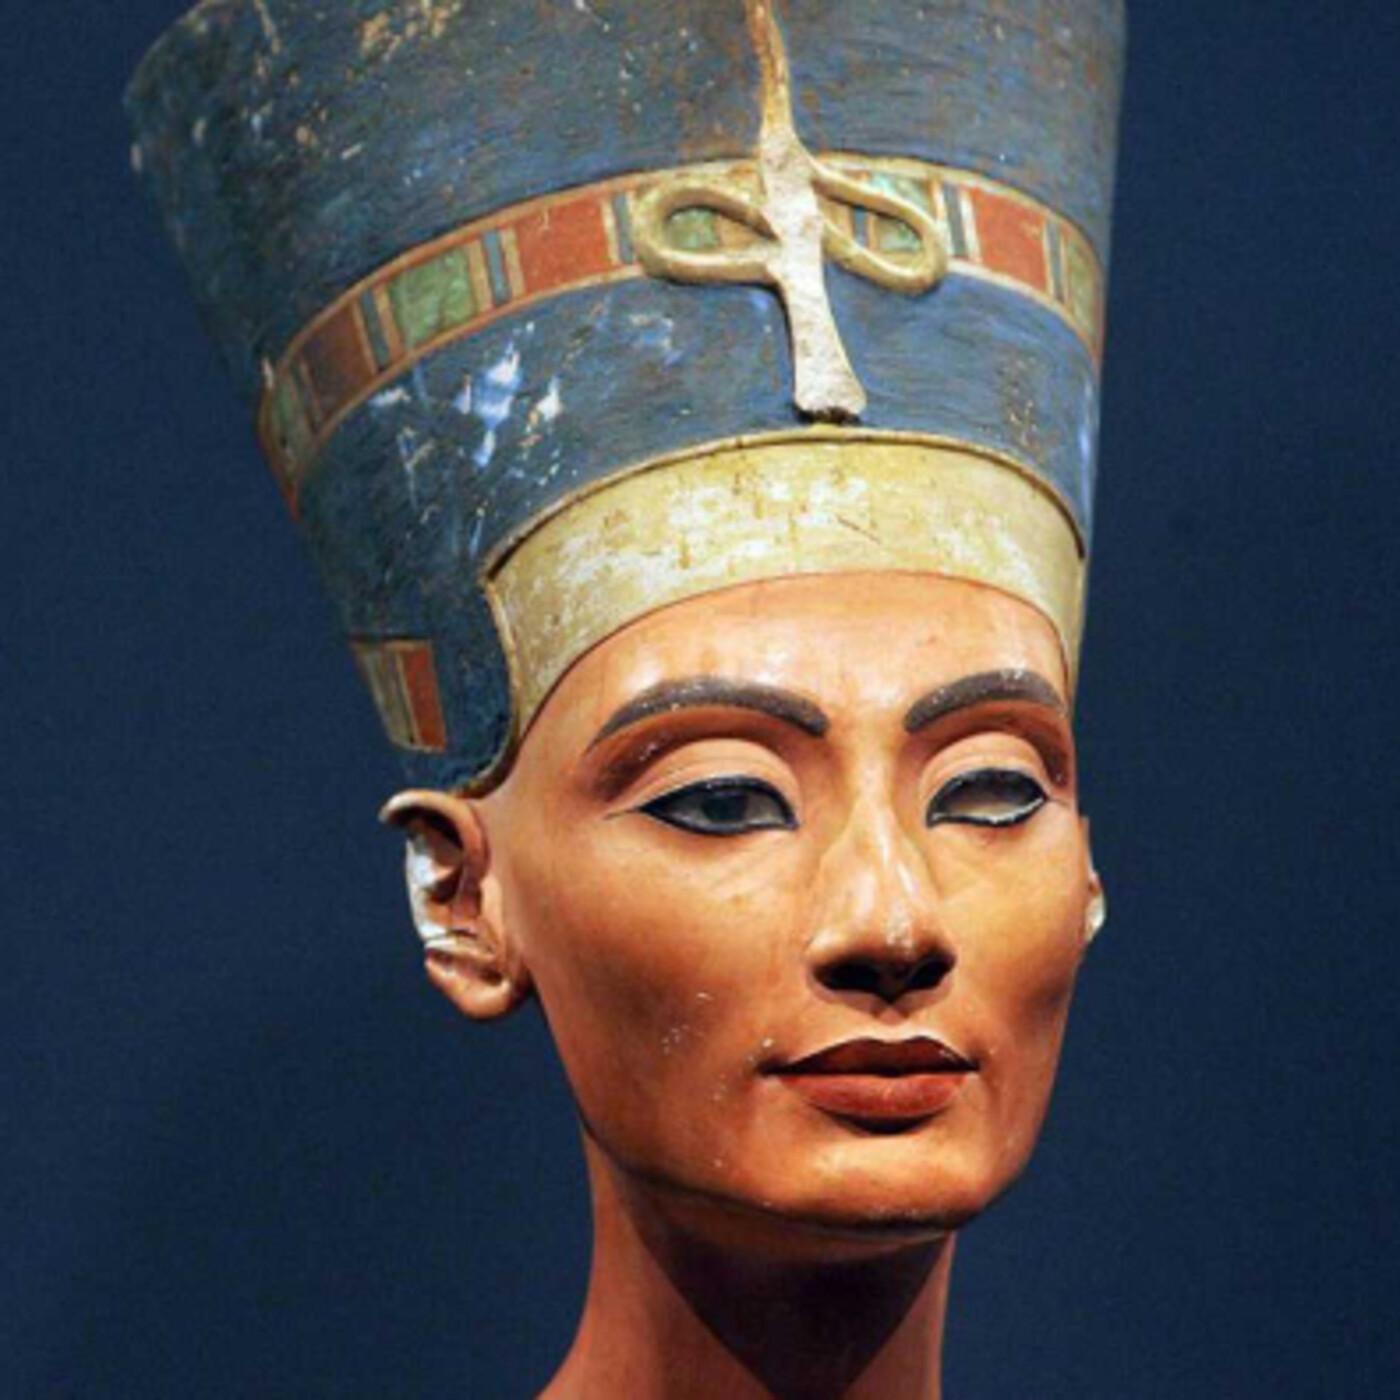 Nefertiti. La reina solitaria: Historias sobre el expolio del arte antiguo (1 y 2)